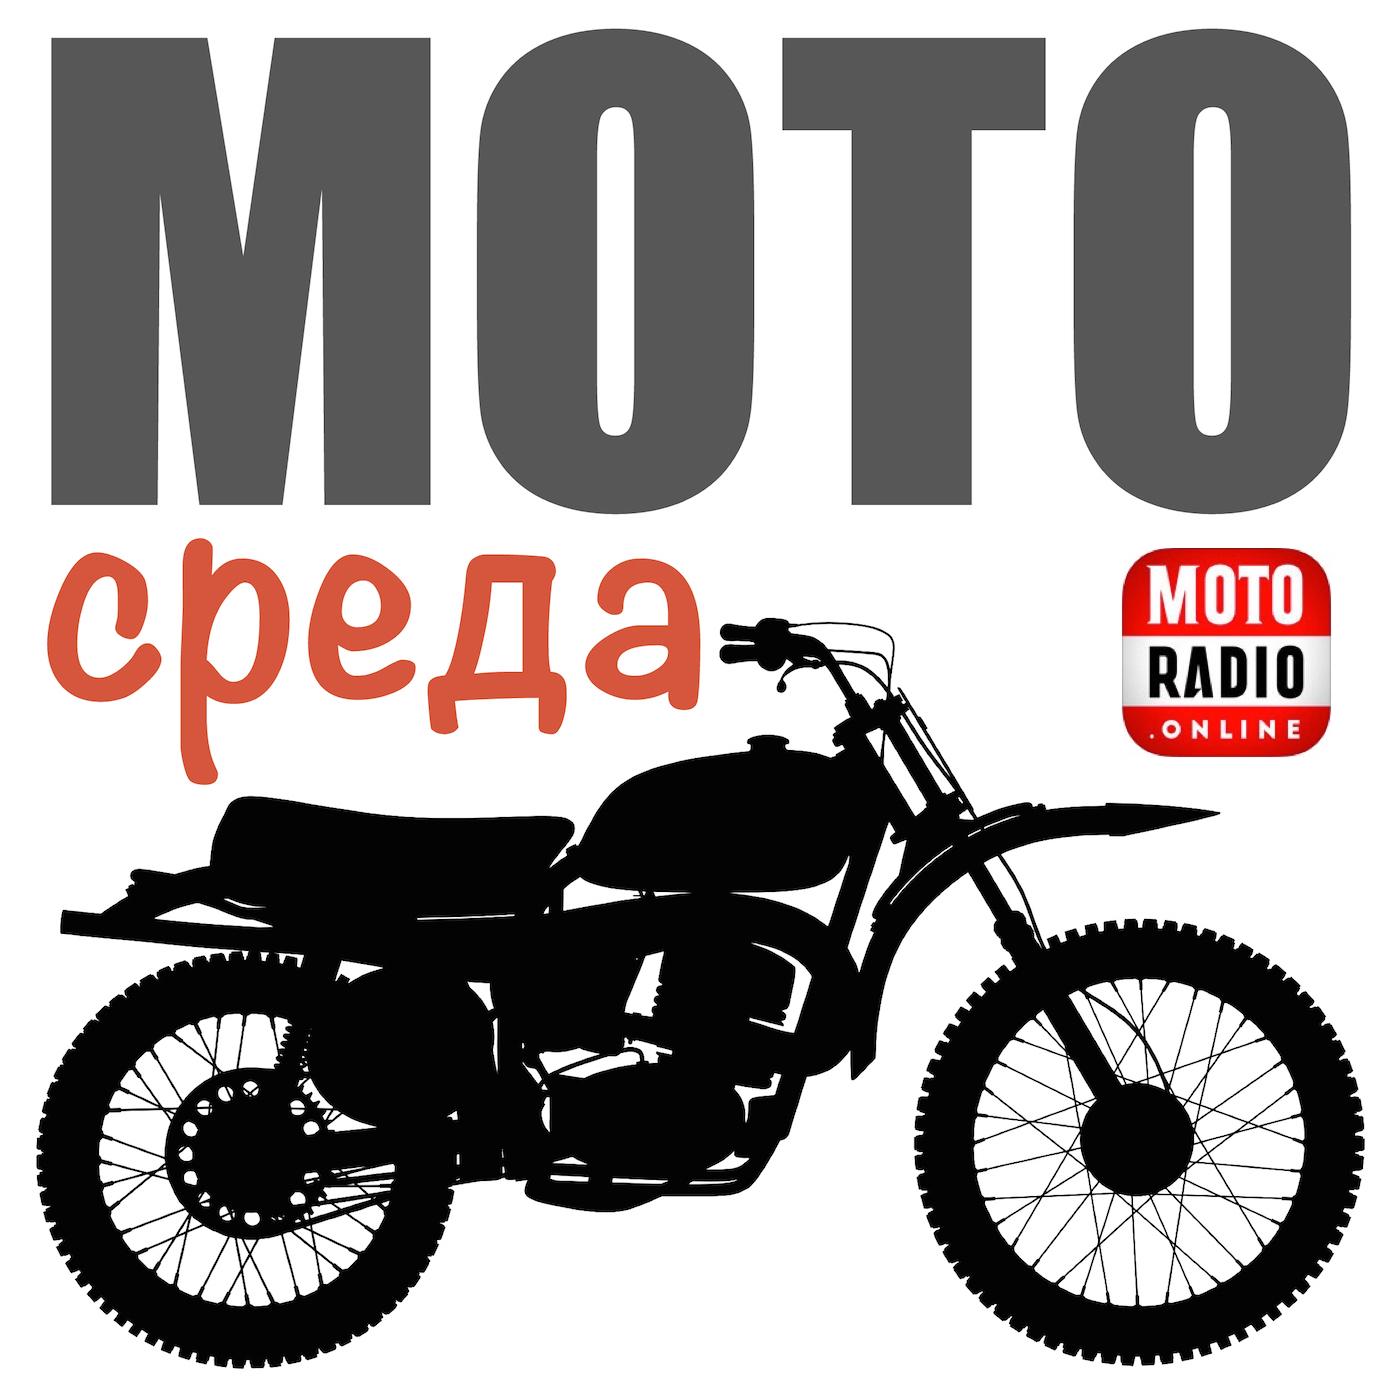 Легко ли сделать быстрый стильный мотоцикл в стиле ретро?